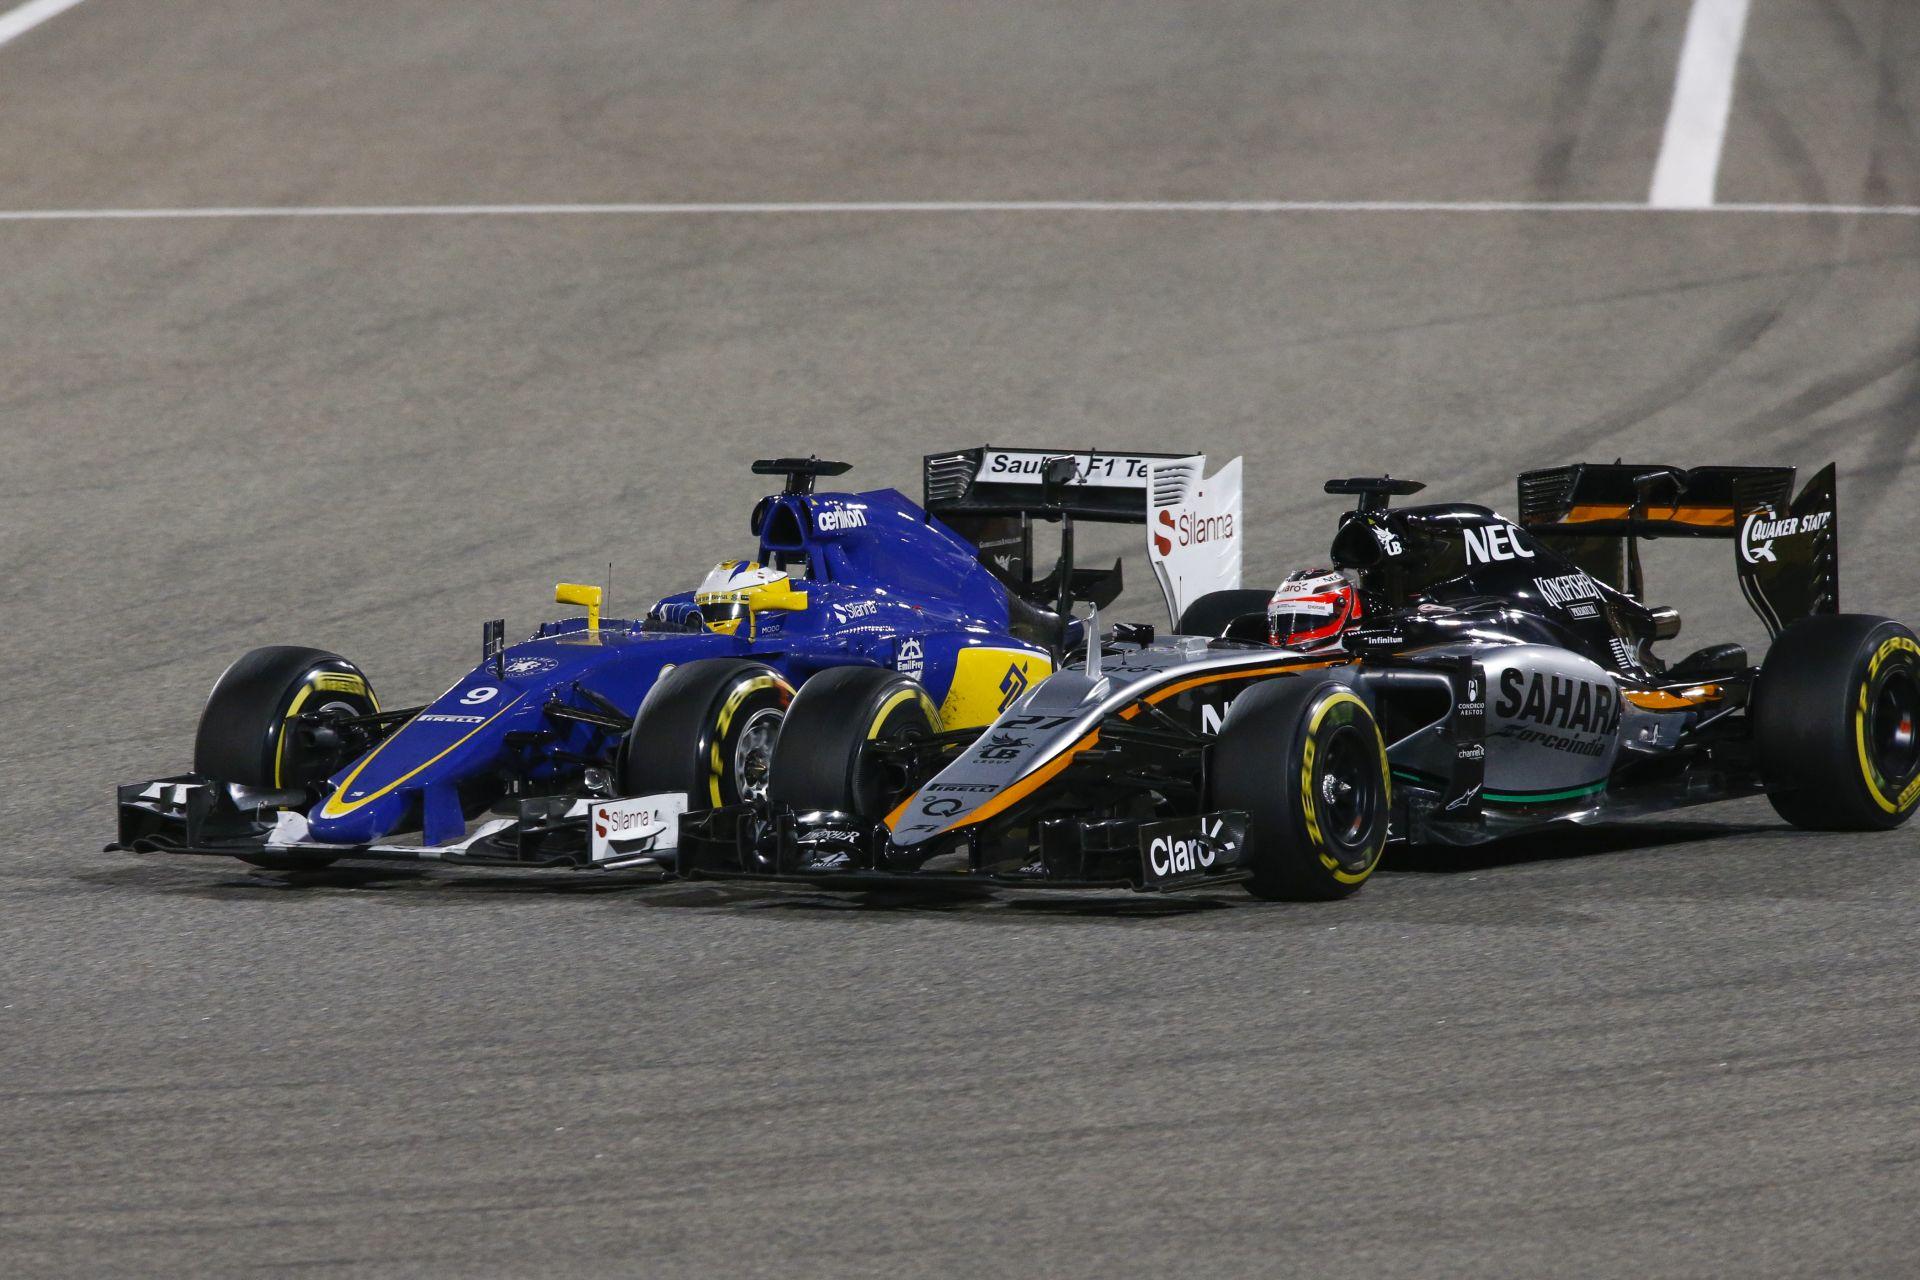 Az EU a Force India és a Sauber miatt vizsgálhatja a Forma-1-et!